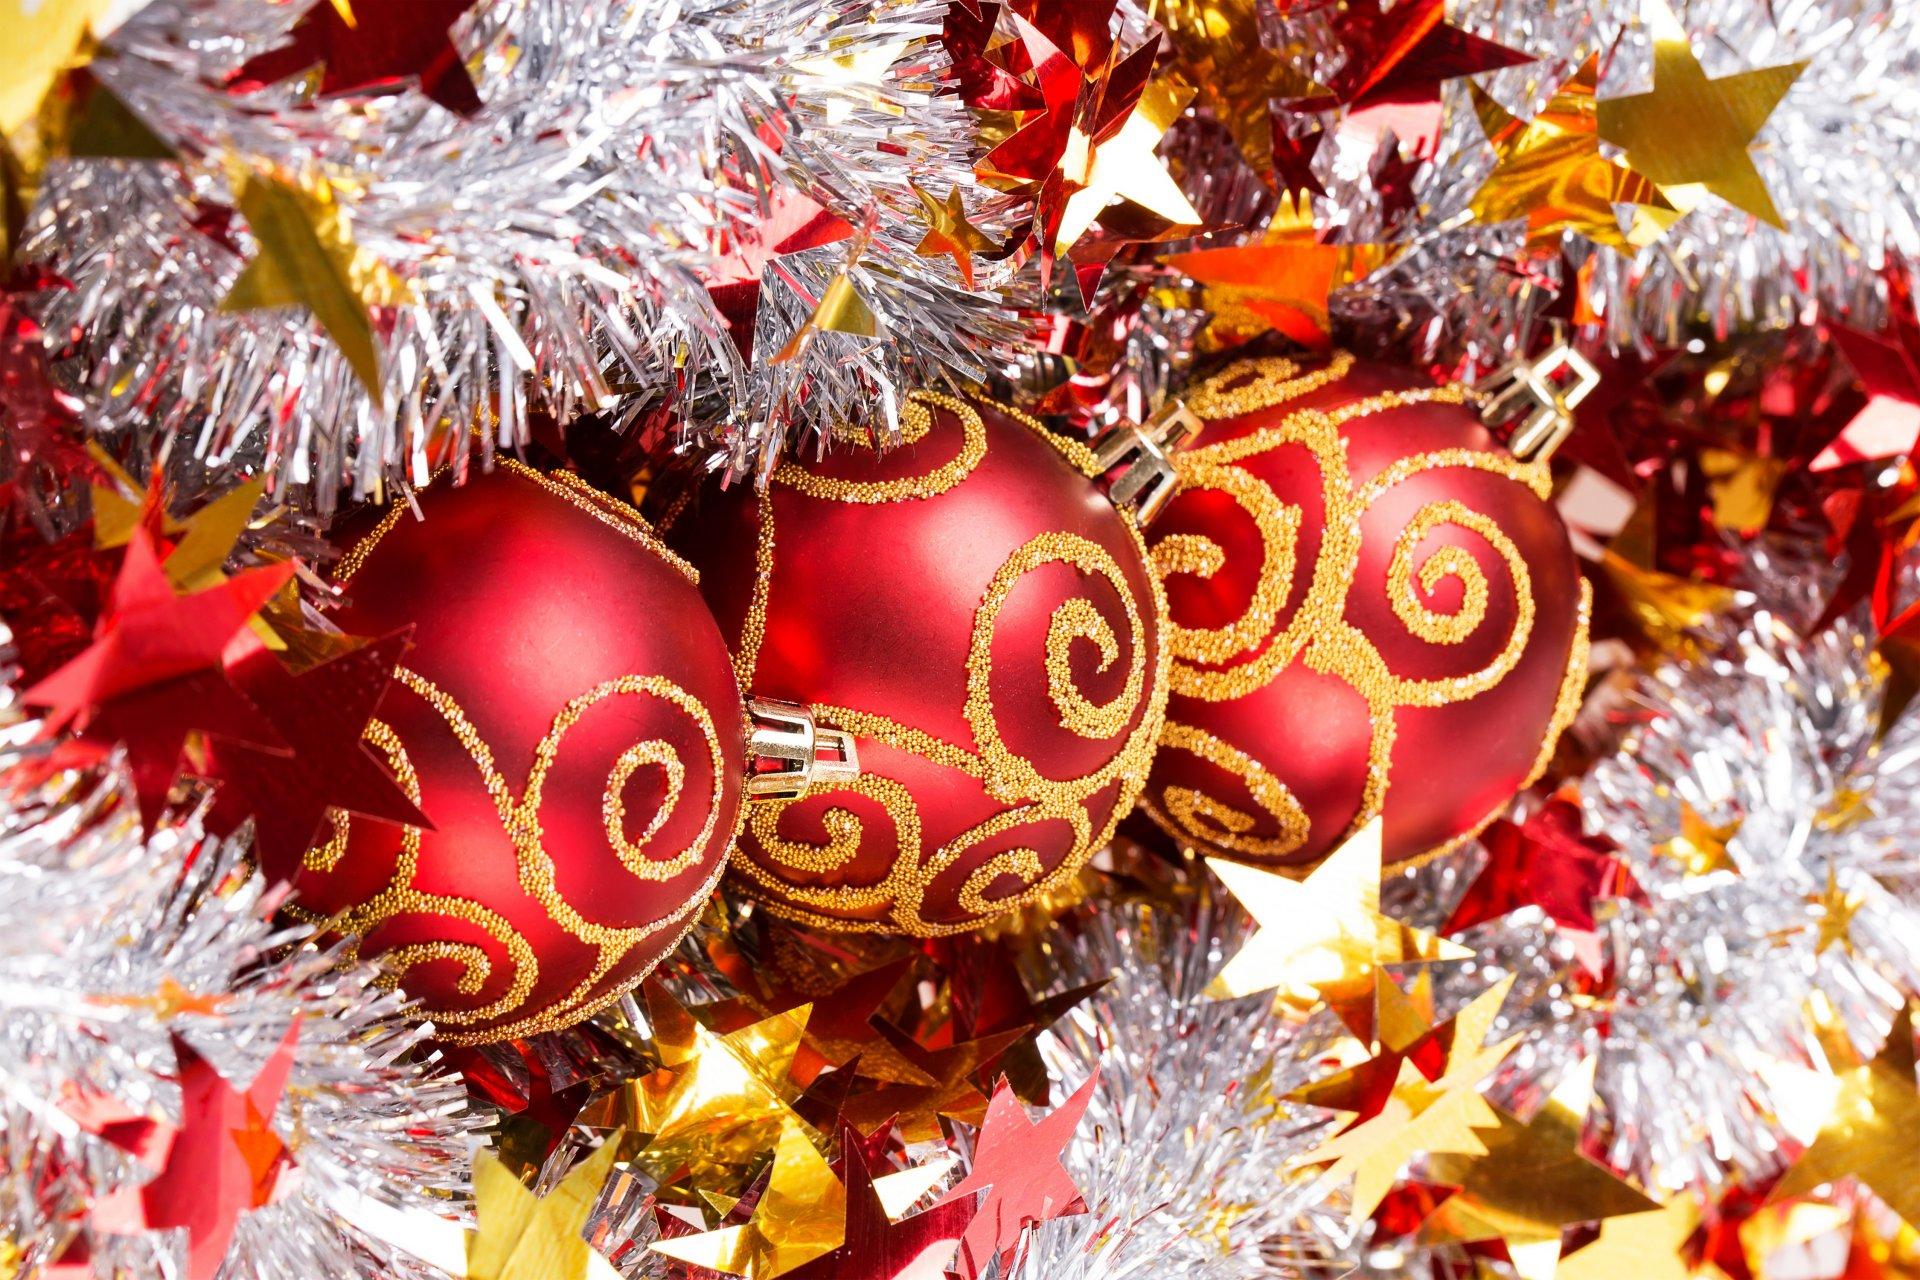 Новый год, праздники картинки красивые новый год